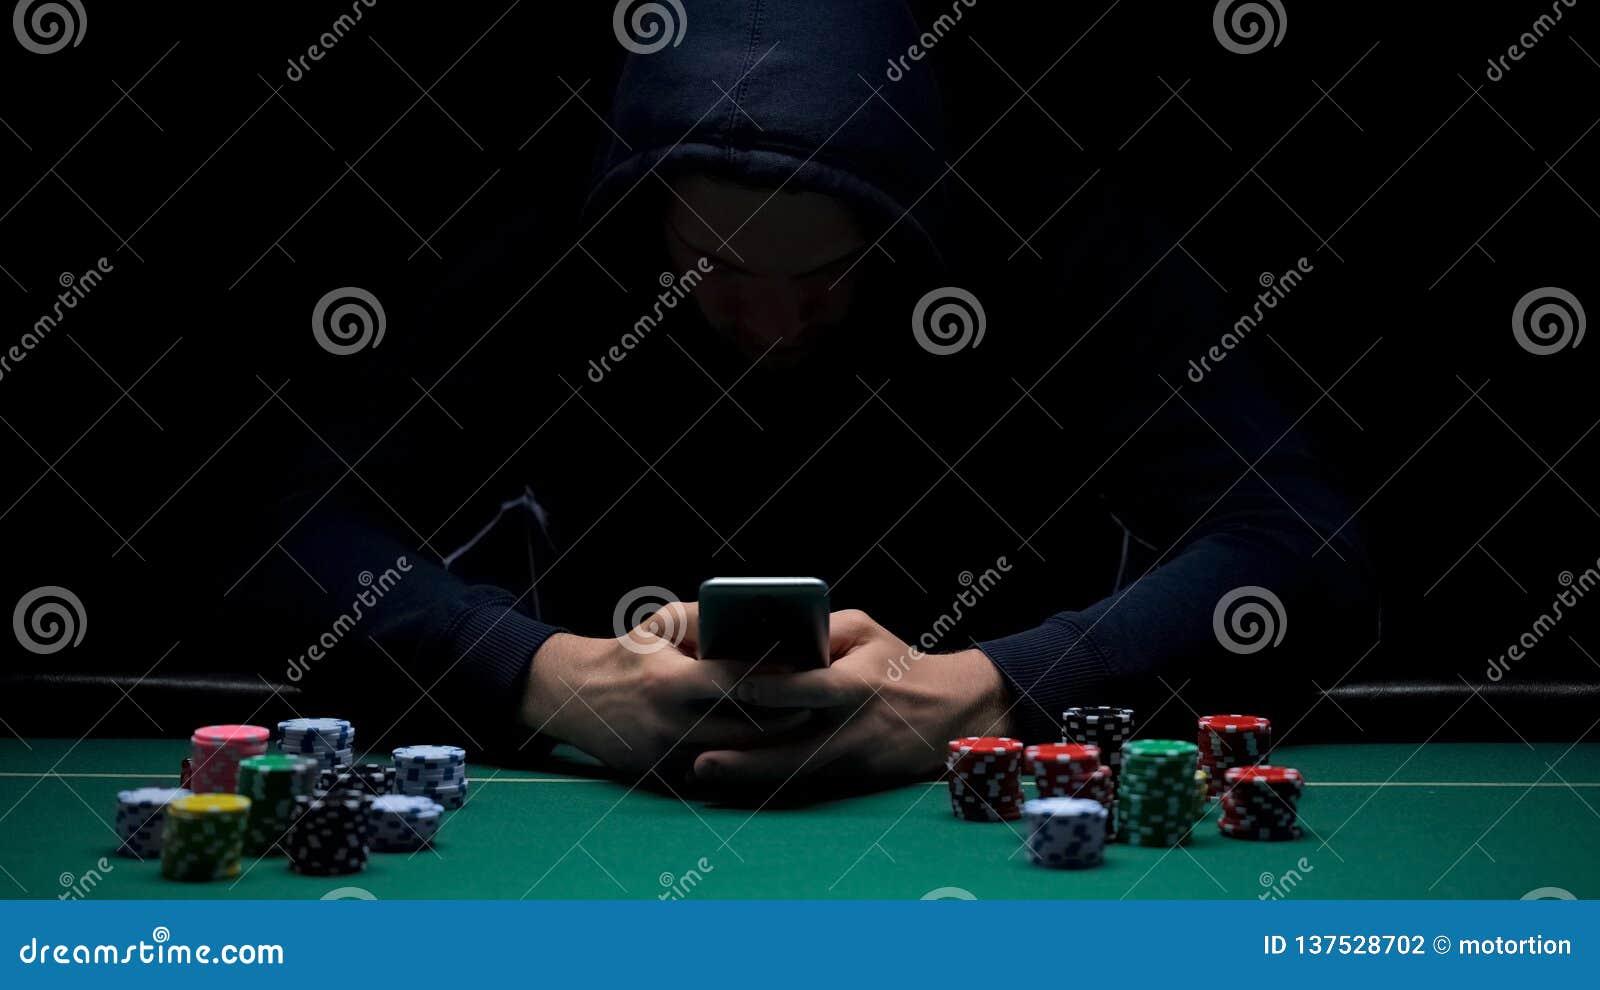 Ανώνυμο αρσενικό παίζοντας παιχνίδι online στο smartphone app, παράνομη επιχείρηση, εξαρτημένος